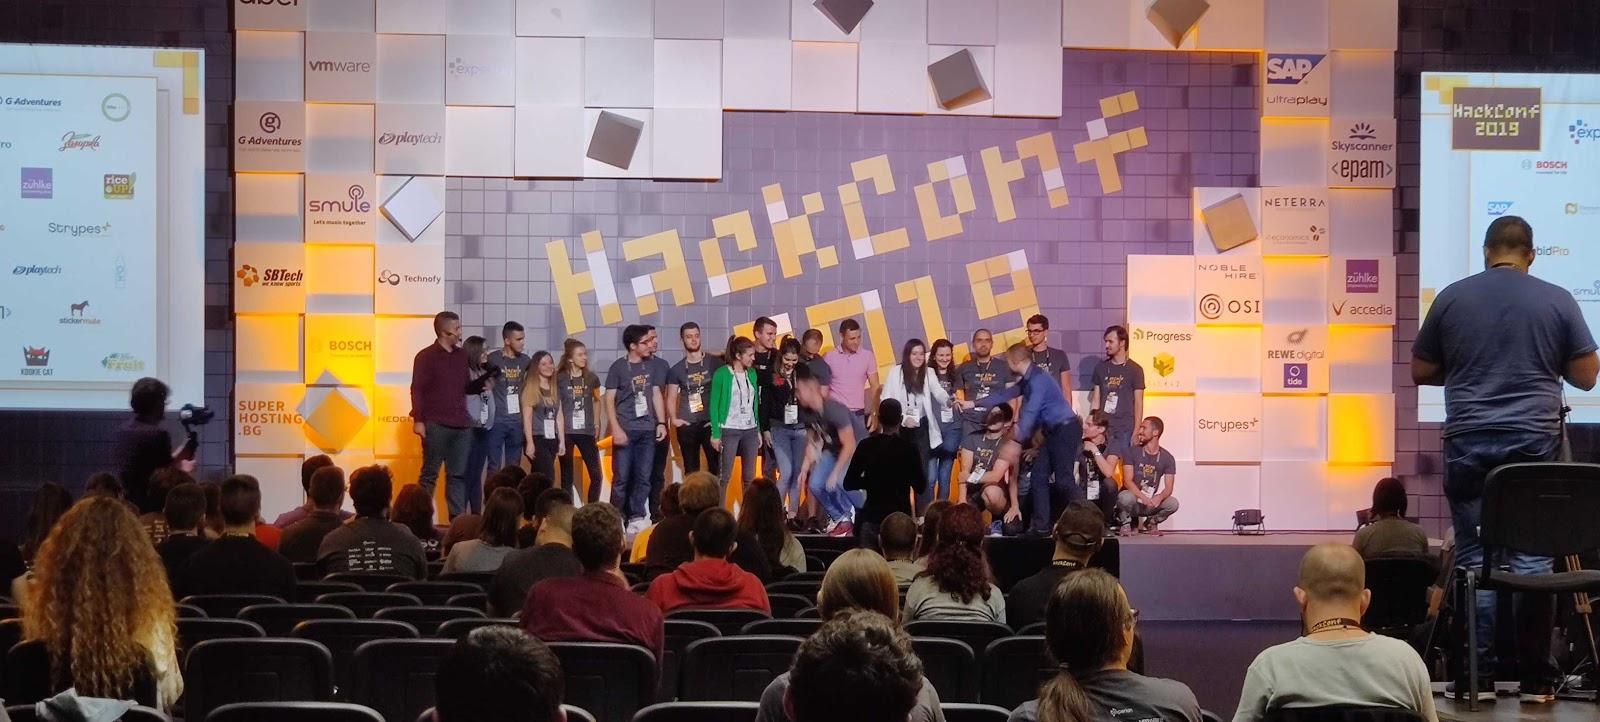 group photo at HackConf 2019